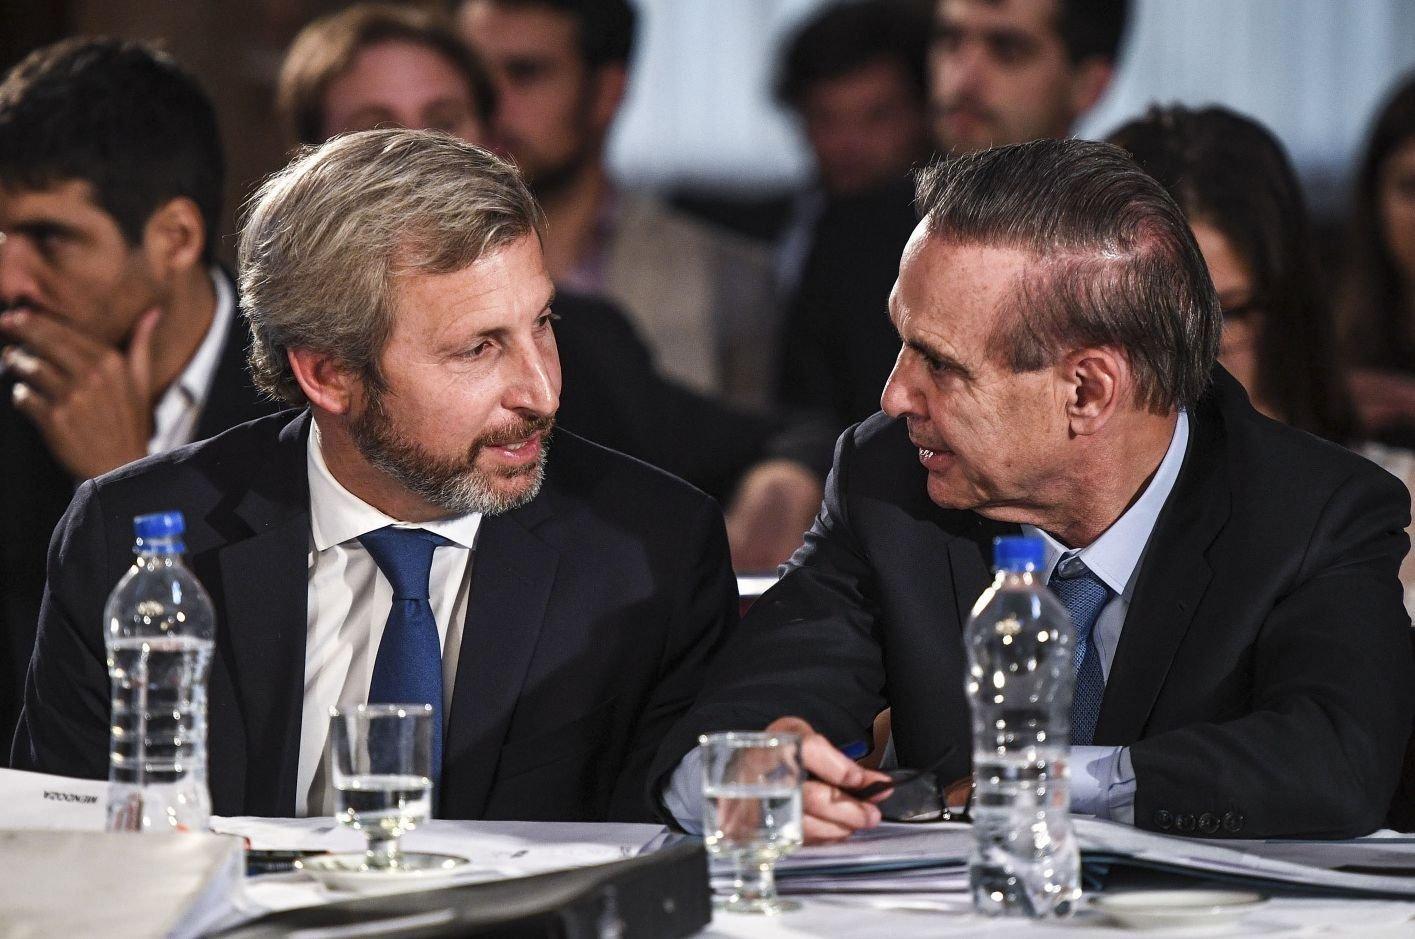 Pichetto descarta cambios en el gabinete del presidente Macri